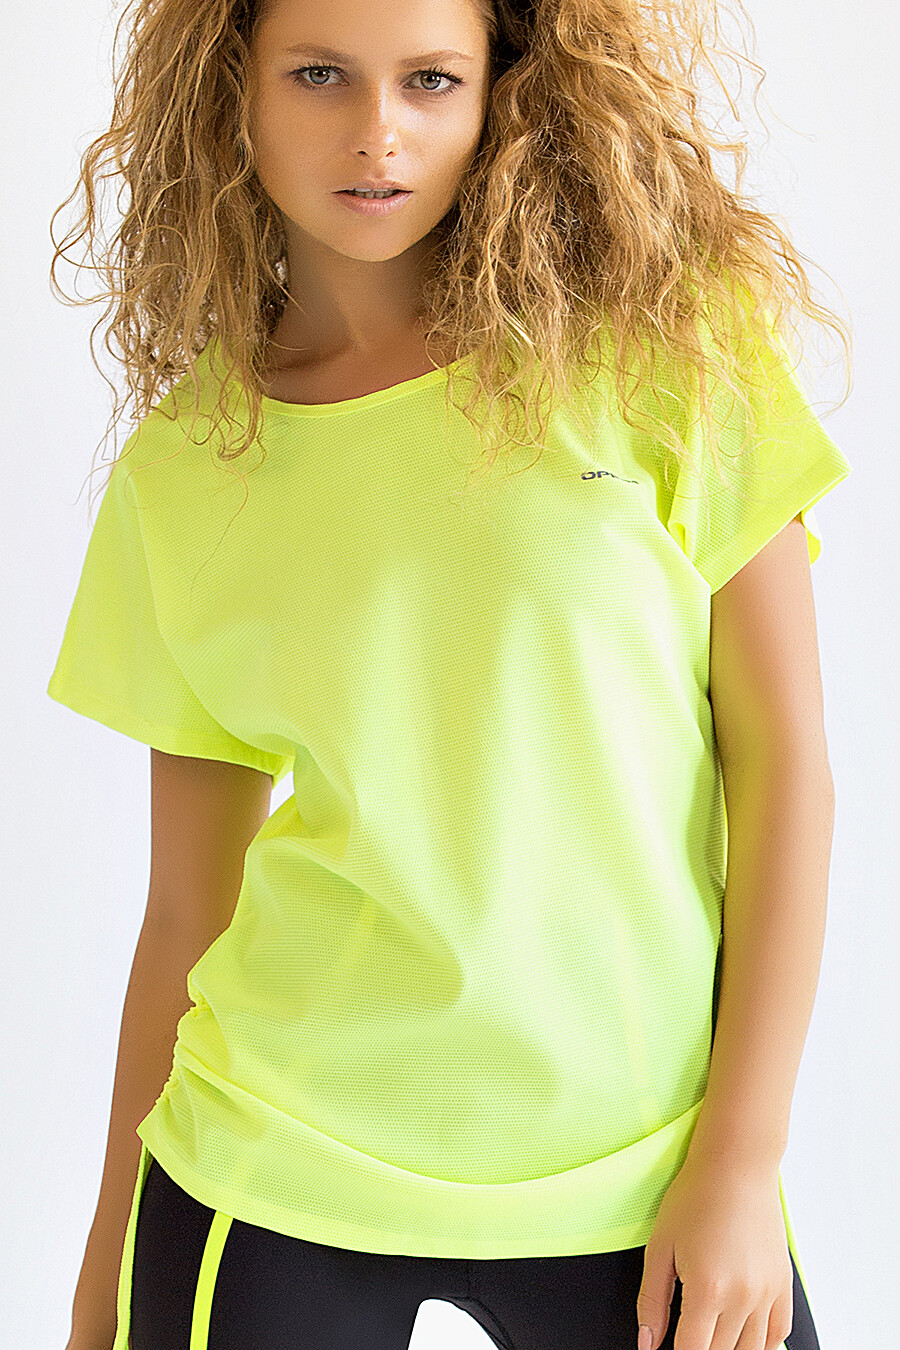 Майка для женщин OPIUM 649165 купить оптом от производителя. Совместная покупка женской одежды в OptMoyo